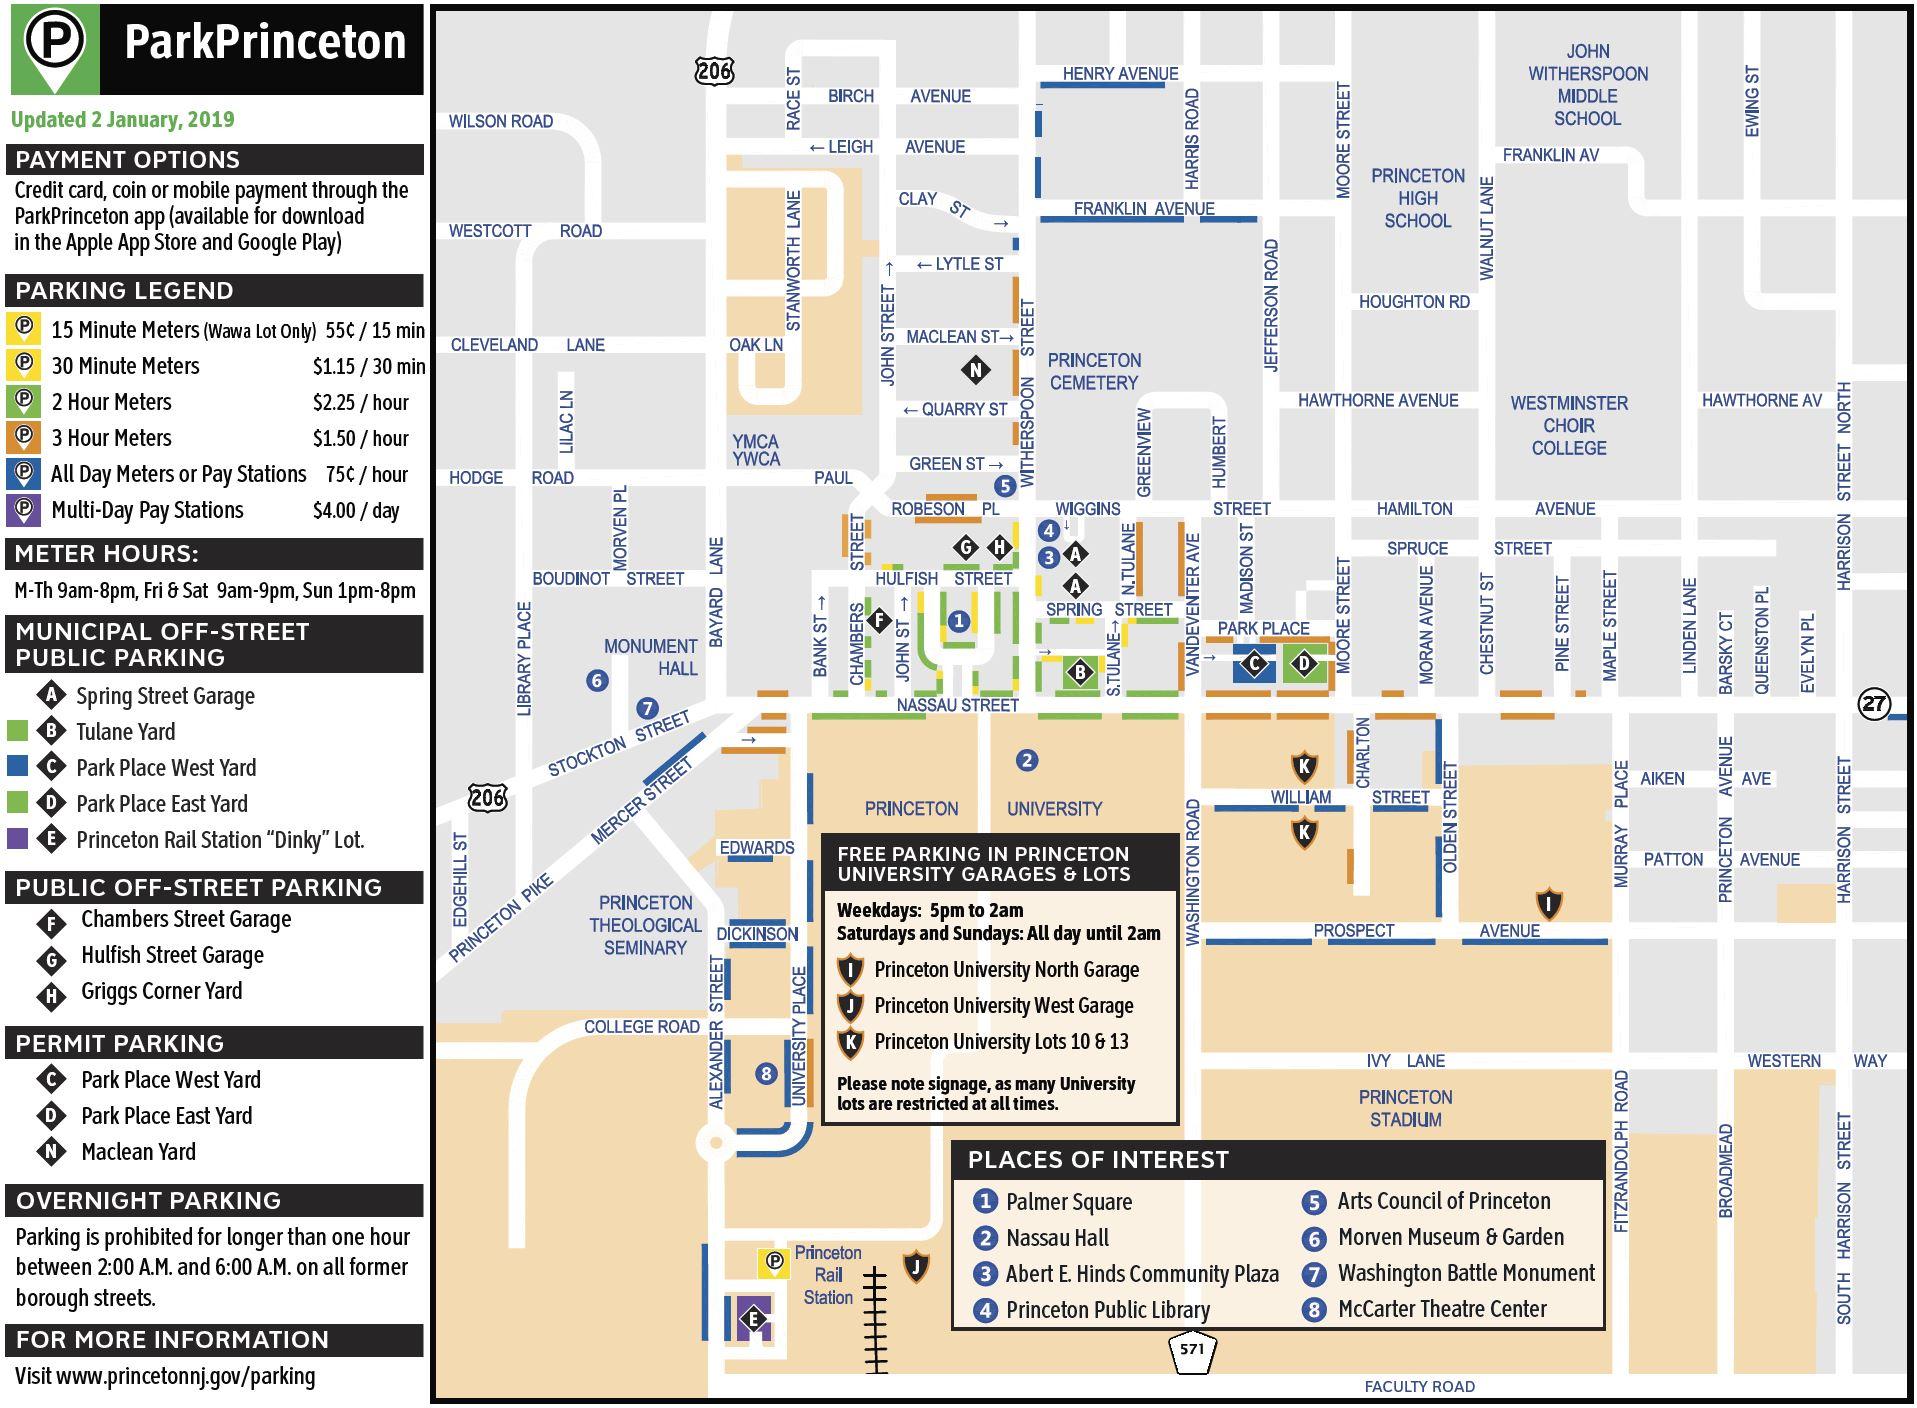 Princeton Parking Map